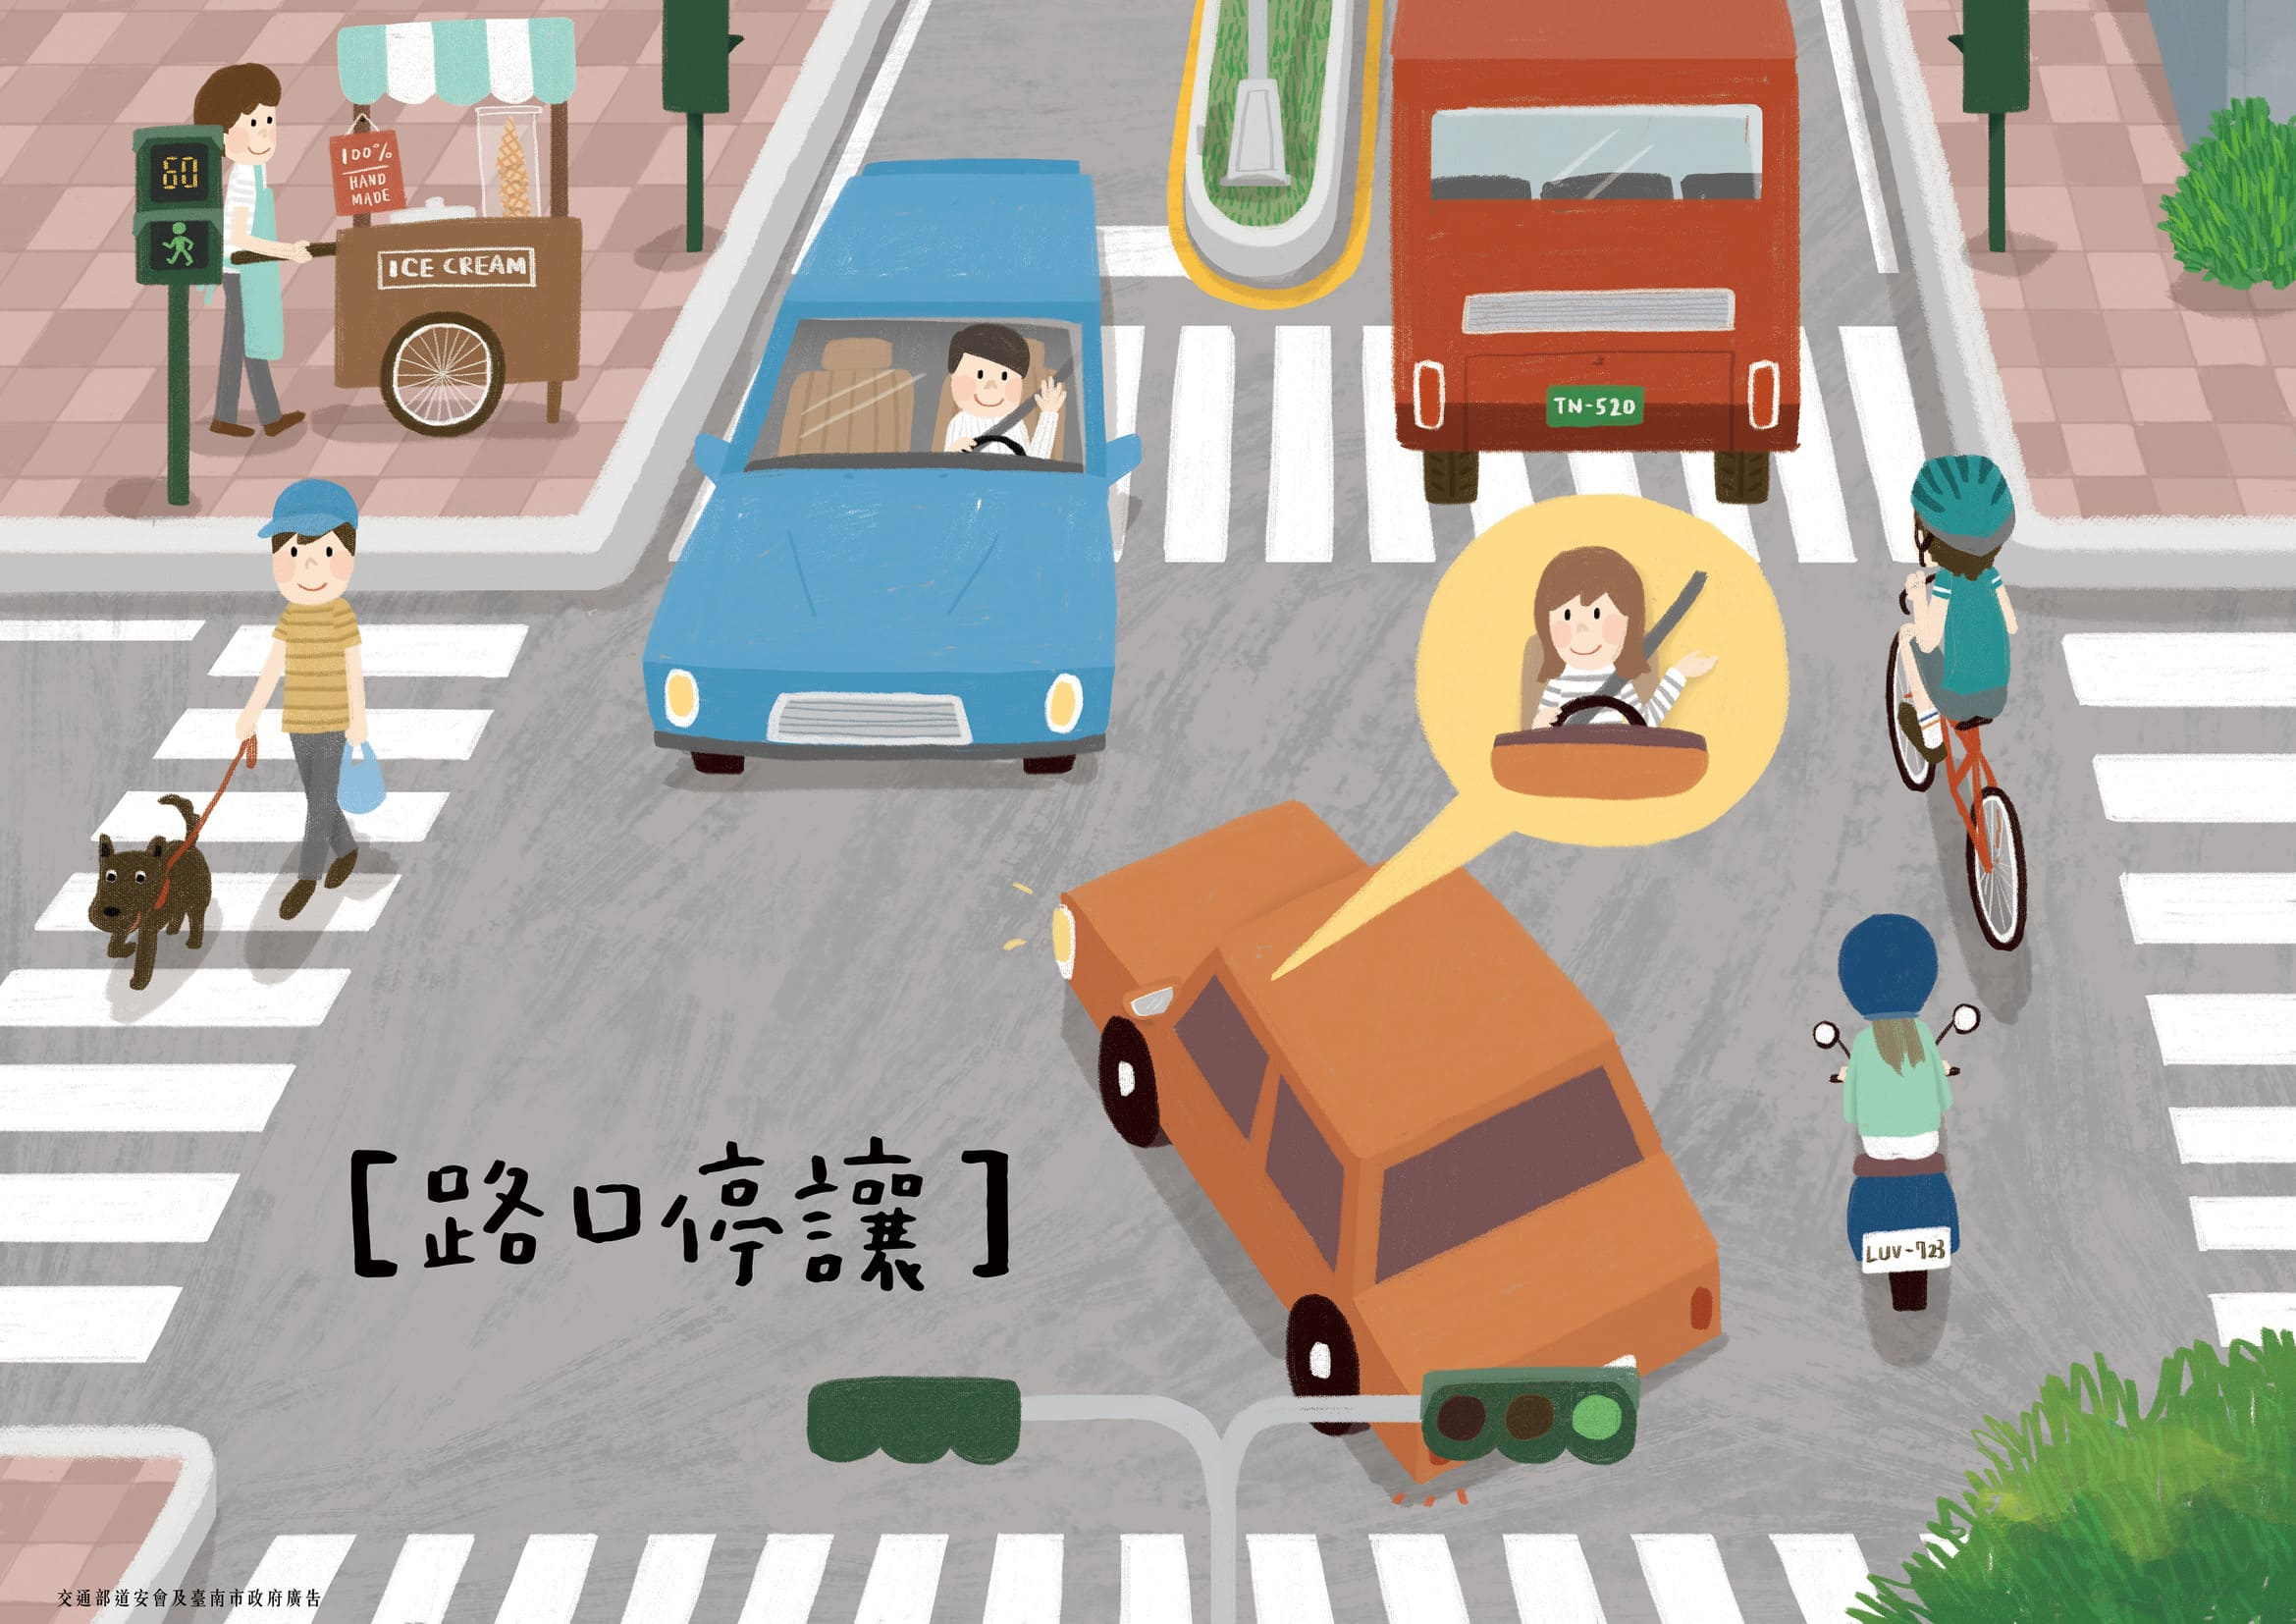 「路口停讓」宣導圖